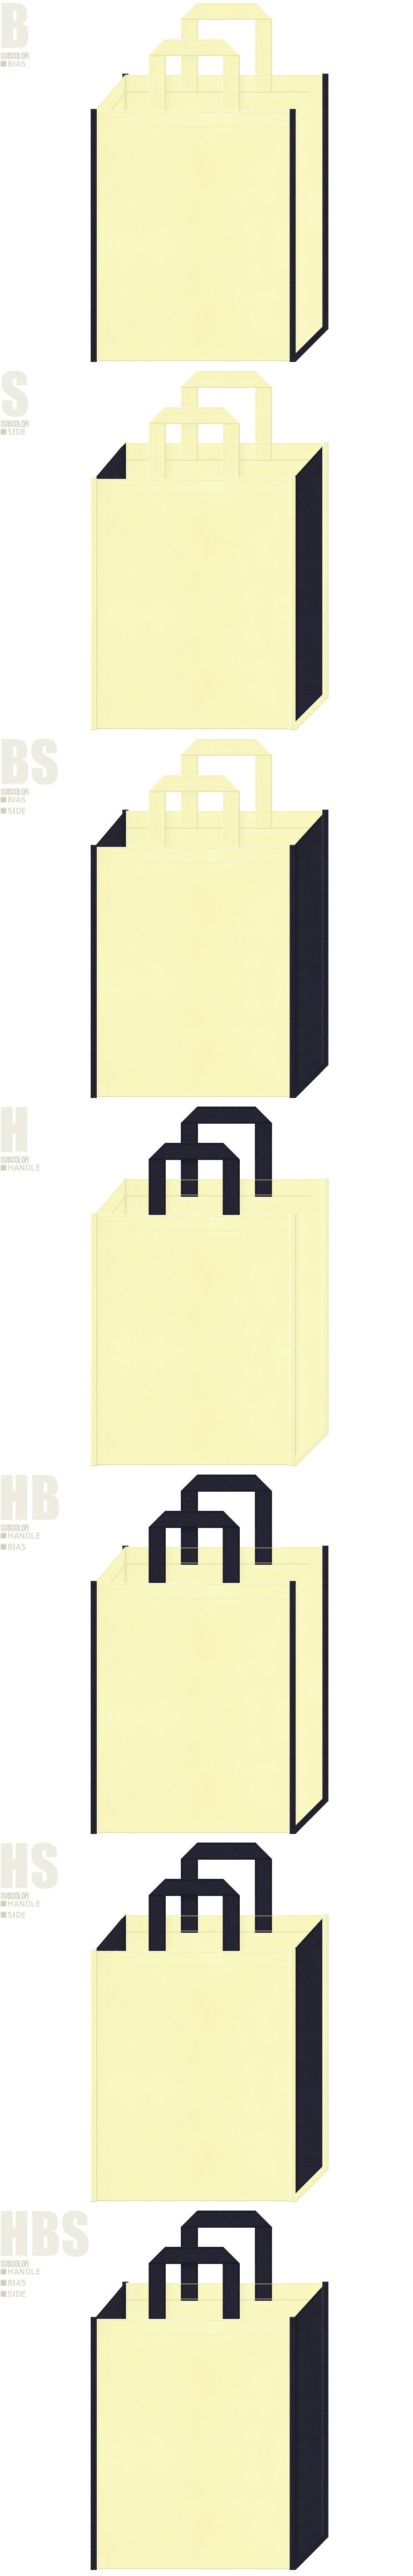 学校・オープンキャンパス・学習塾・レッスンバッグにお奨めの不織布バッグデザイン:薄黄色と濃紺色の配色7パターン。